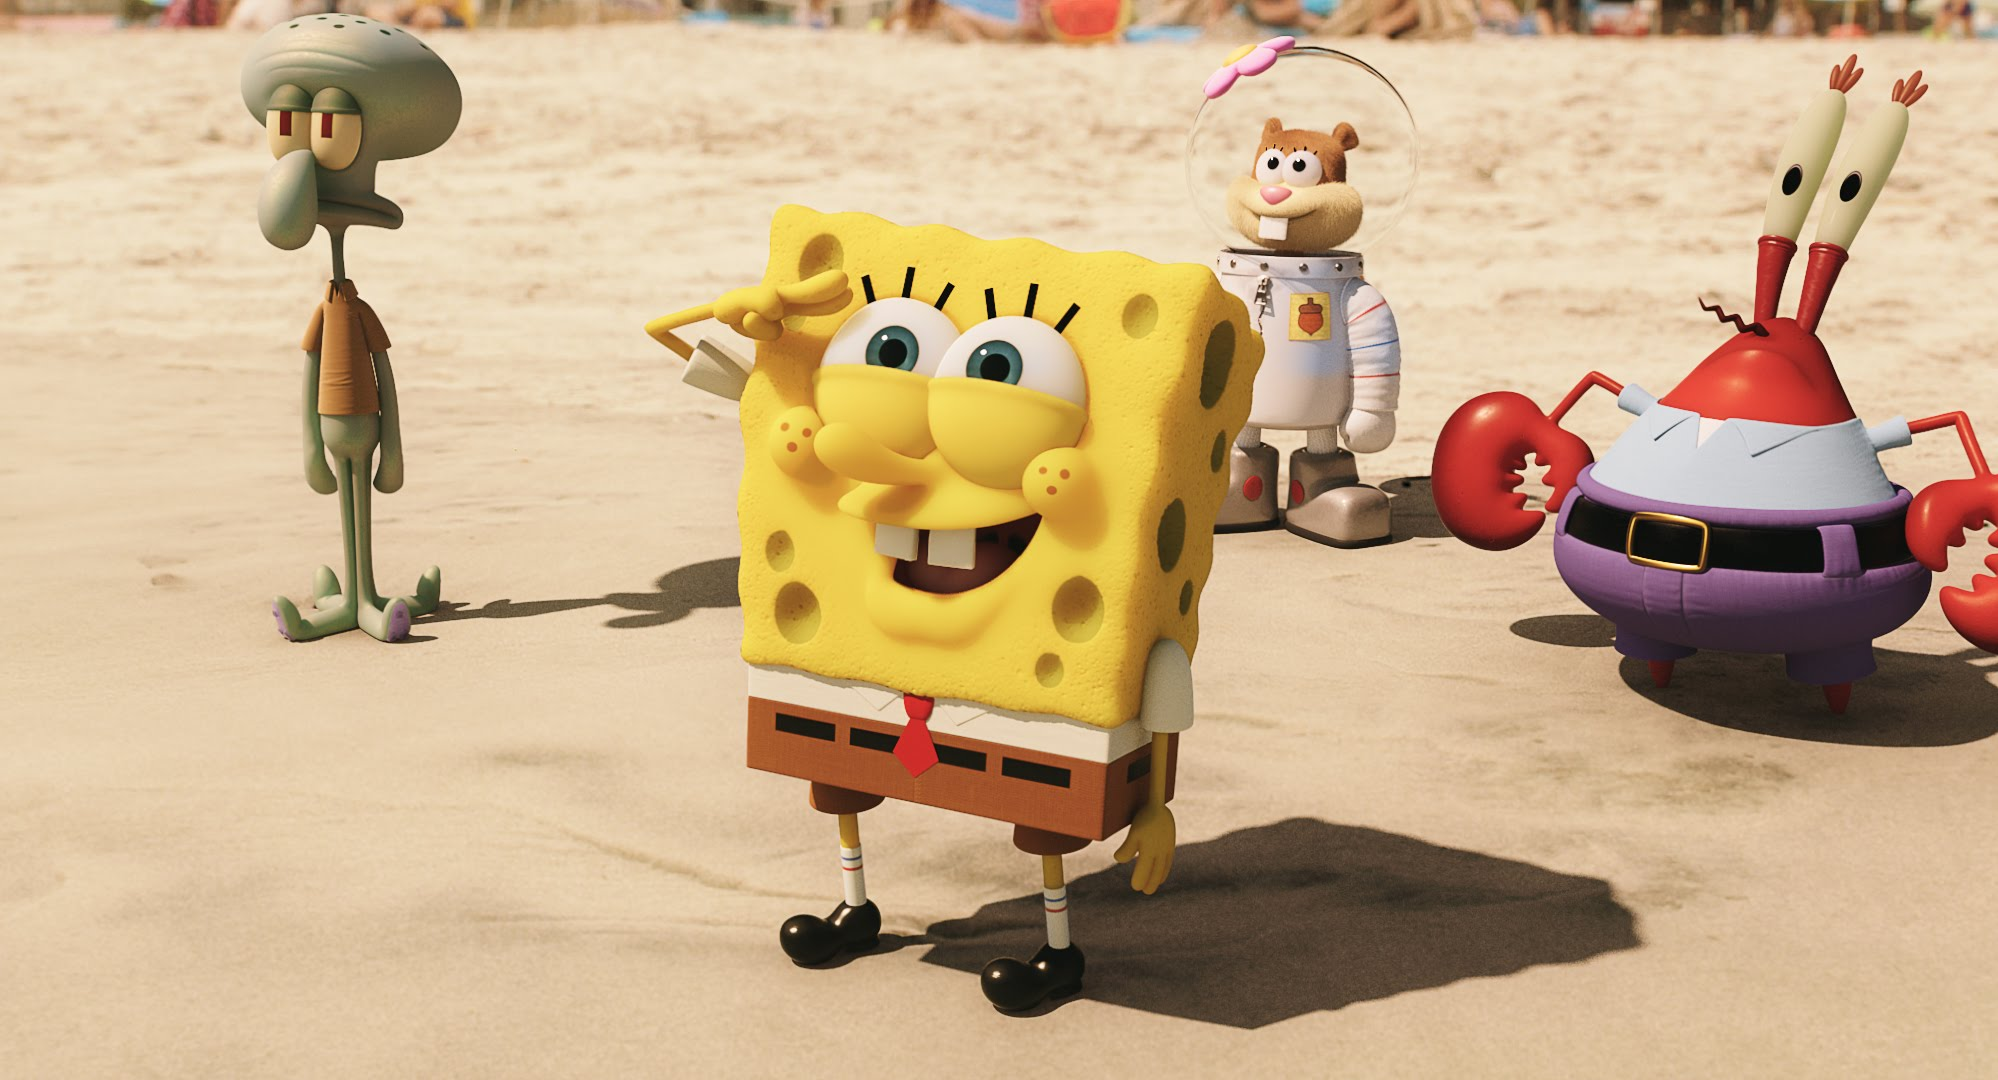 spongya.jpg